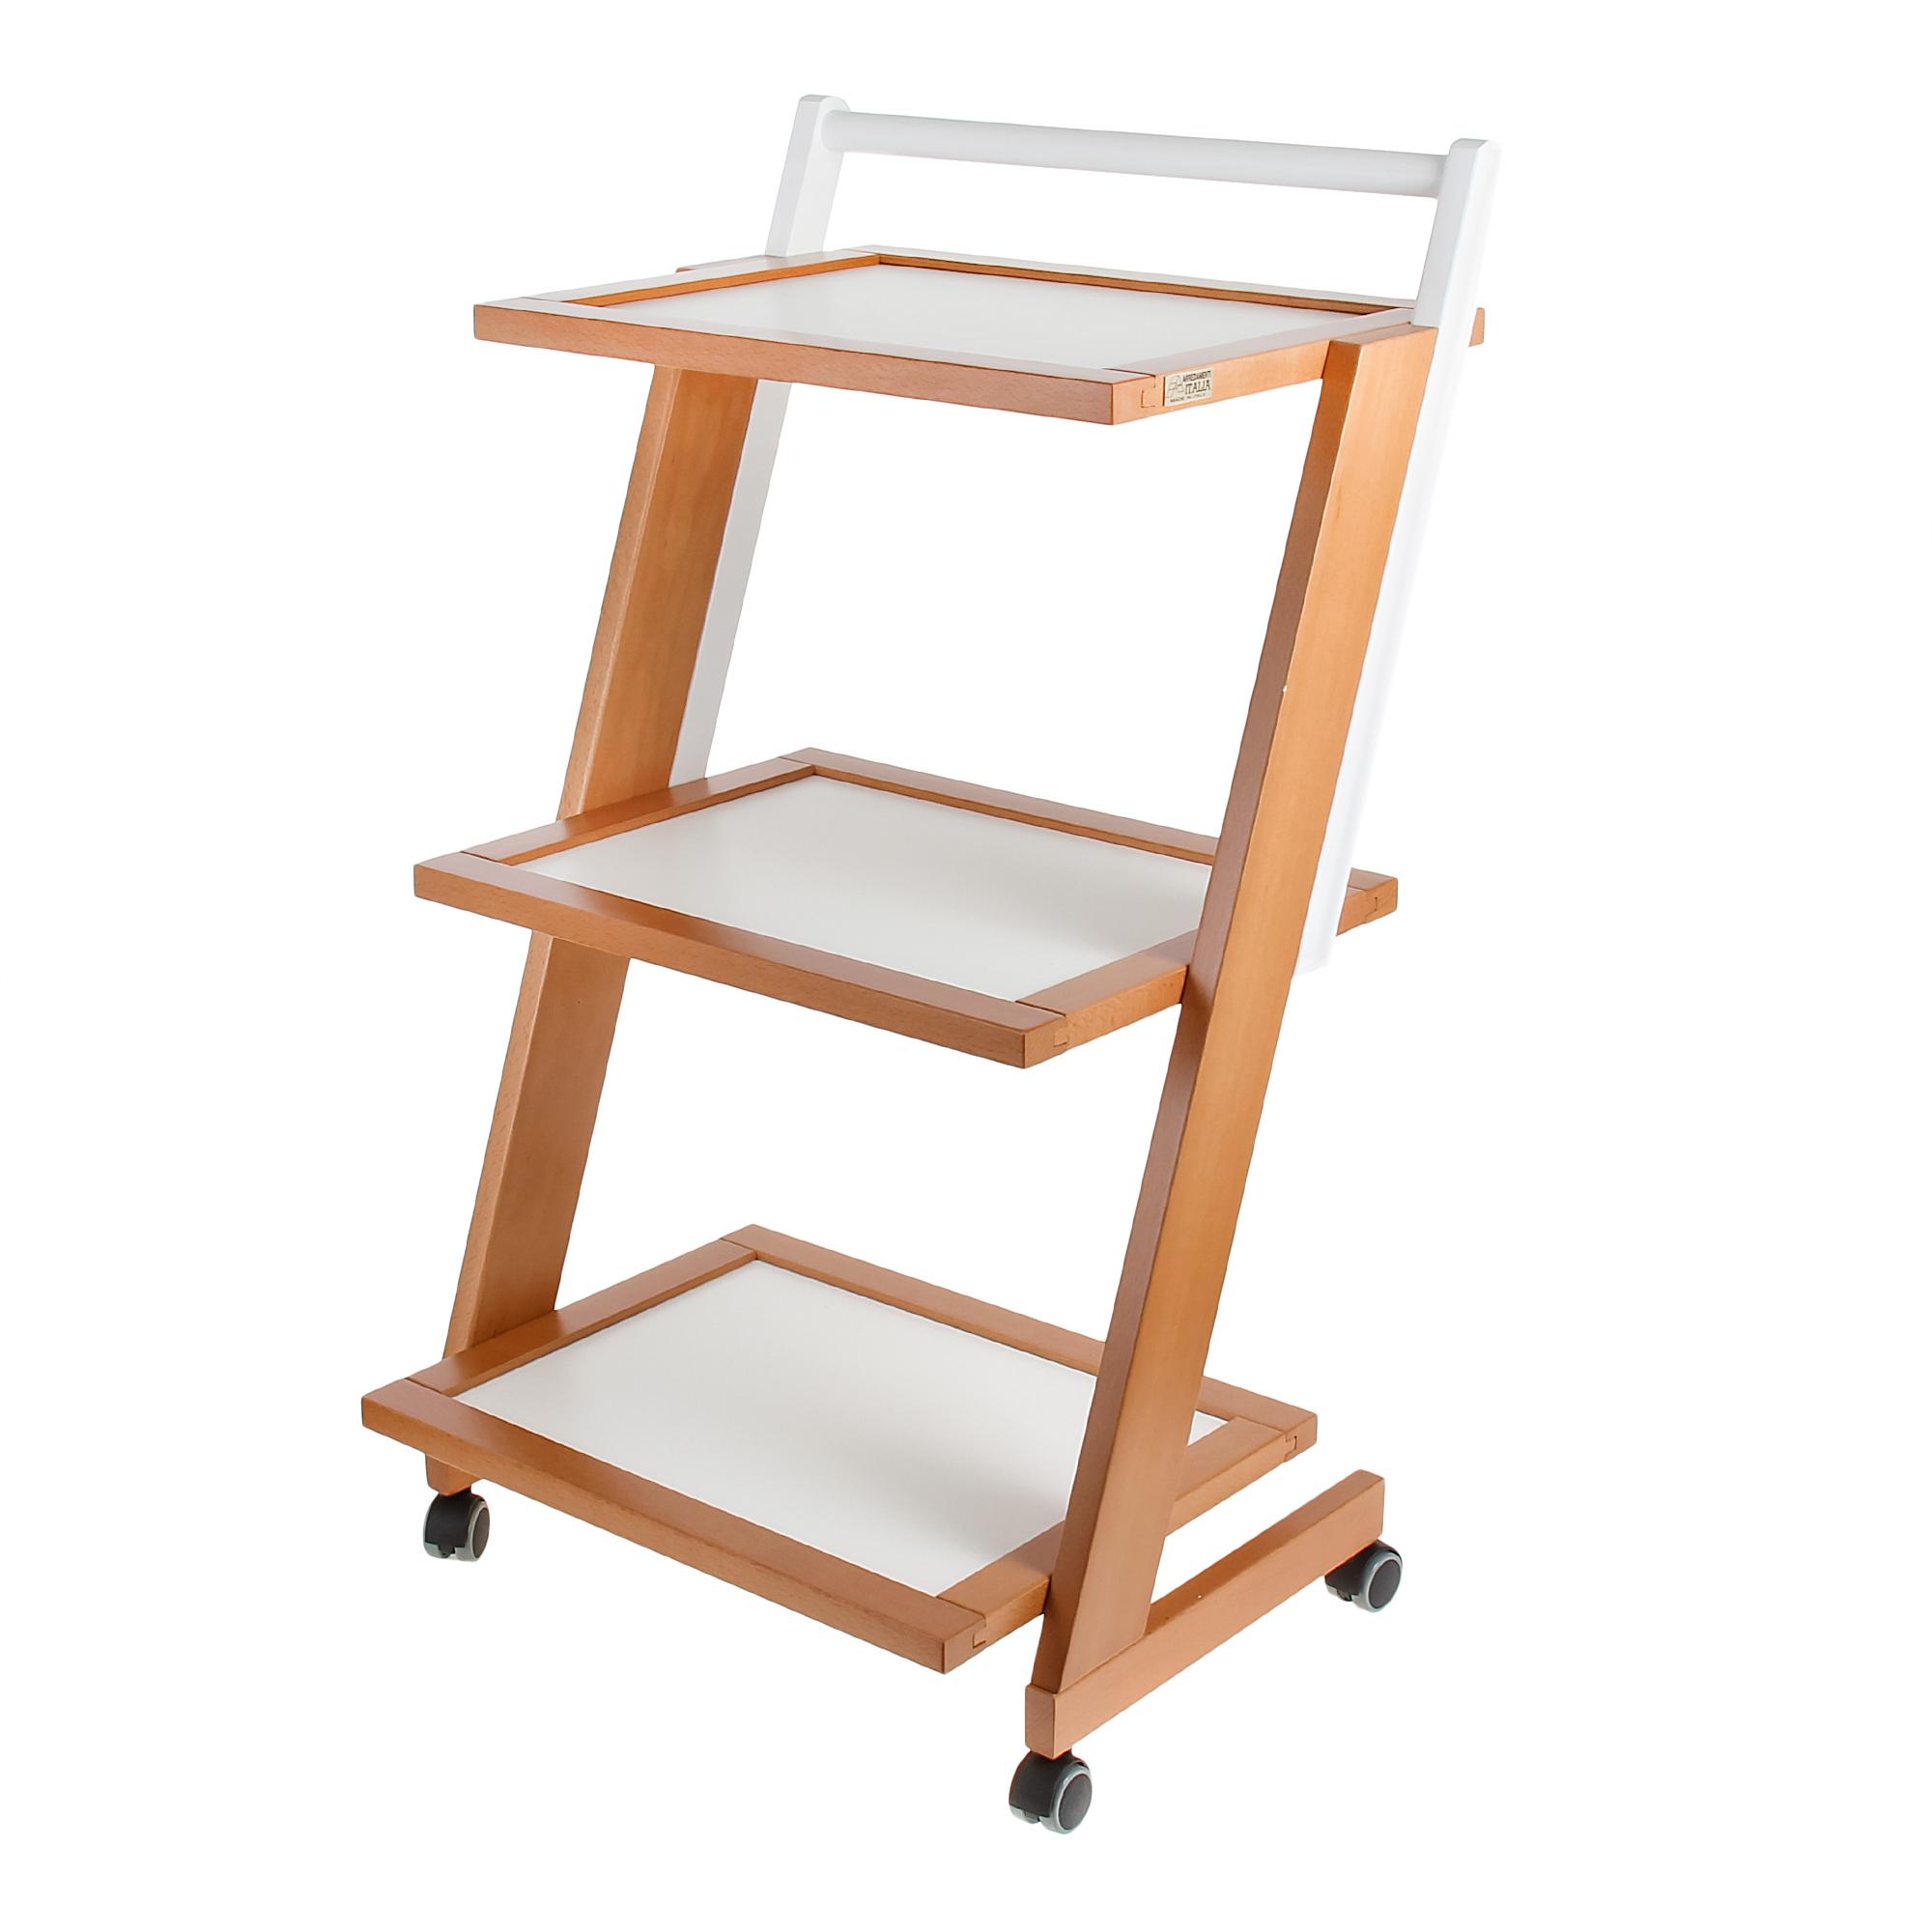 Купить Столик сервировочный на колесиках Arit zordan 3-х уровневый, Италия, дерево береза